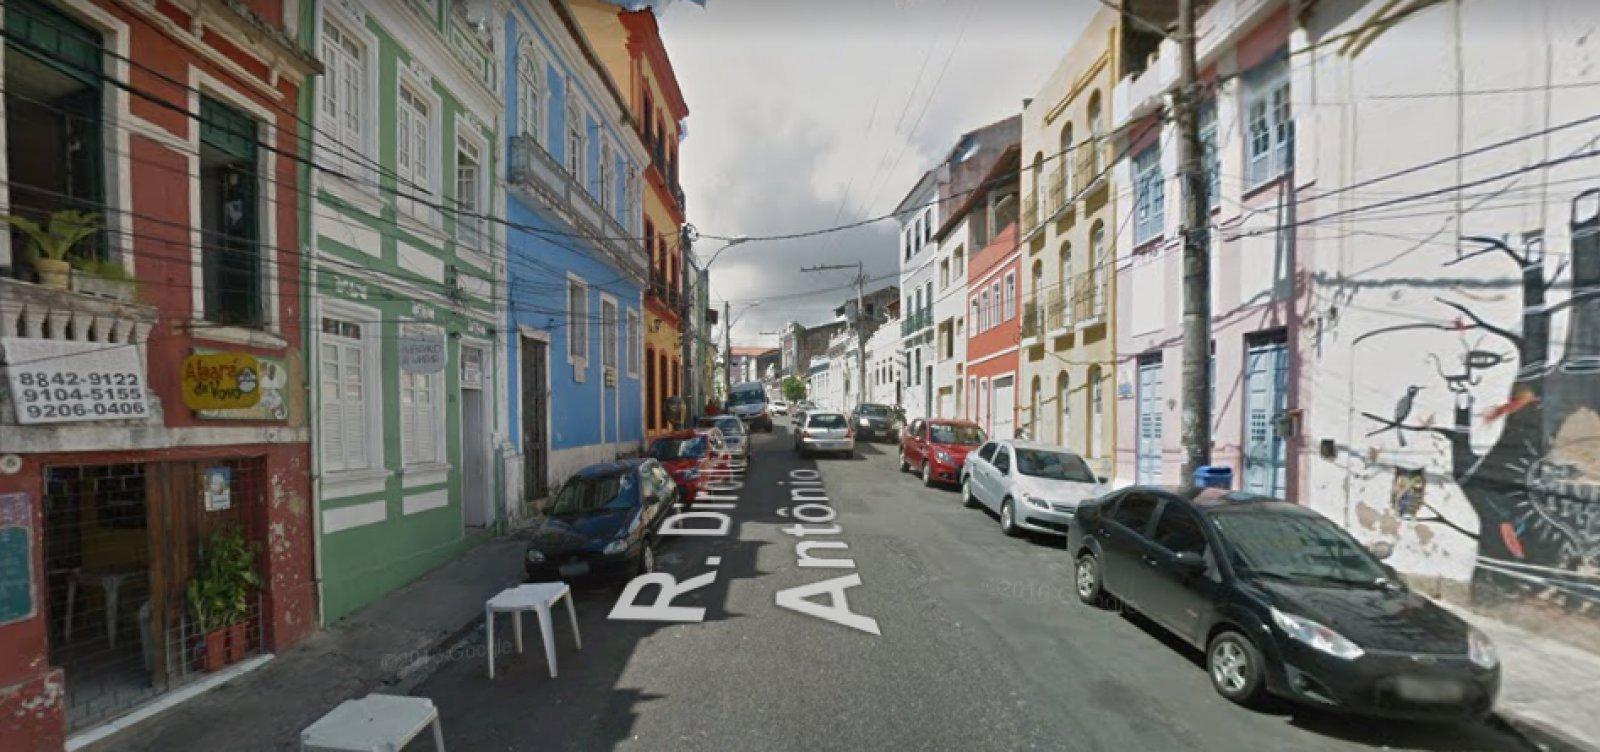 [Polícia abre inquérito para investigar furto de cobre no Santo Antônio]